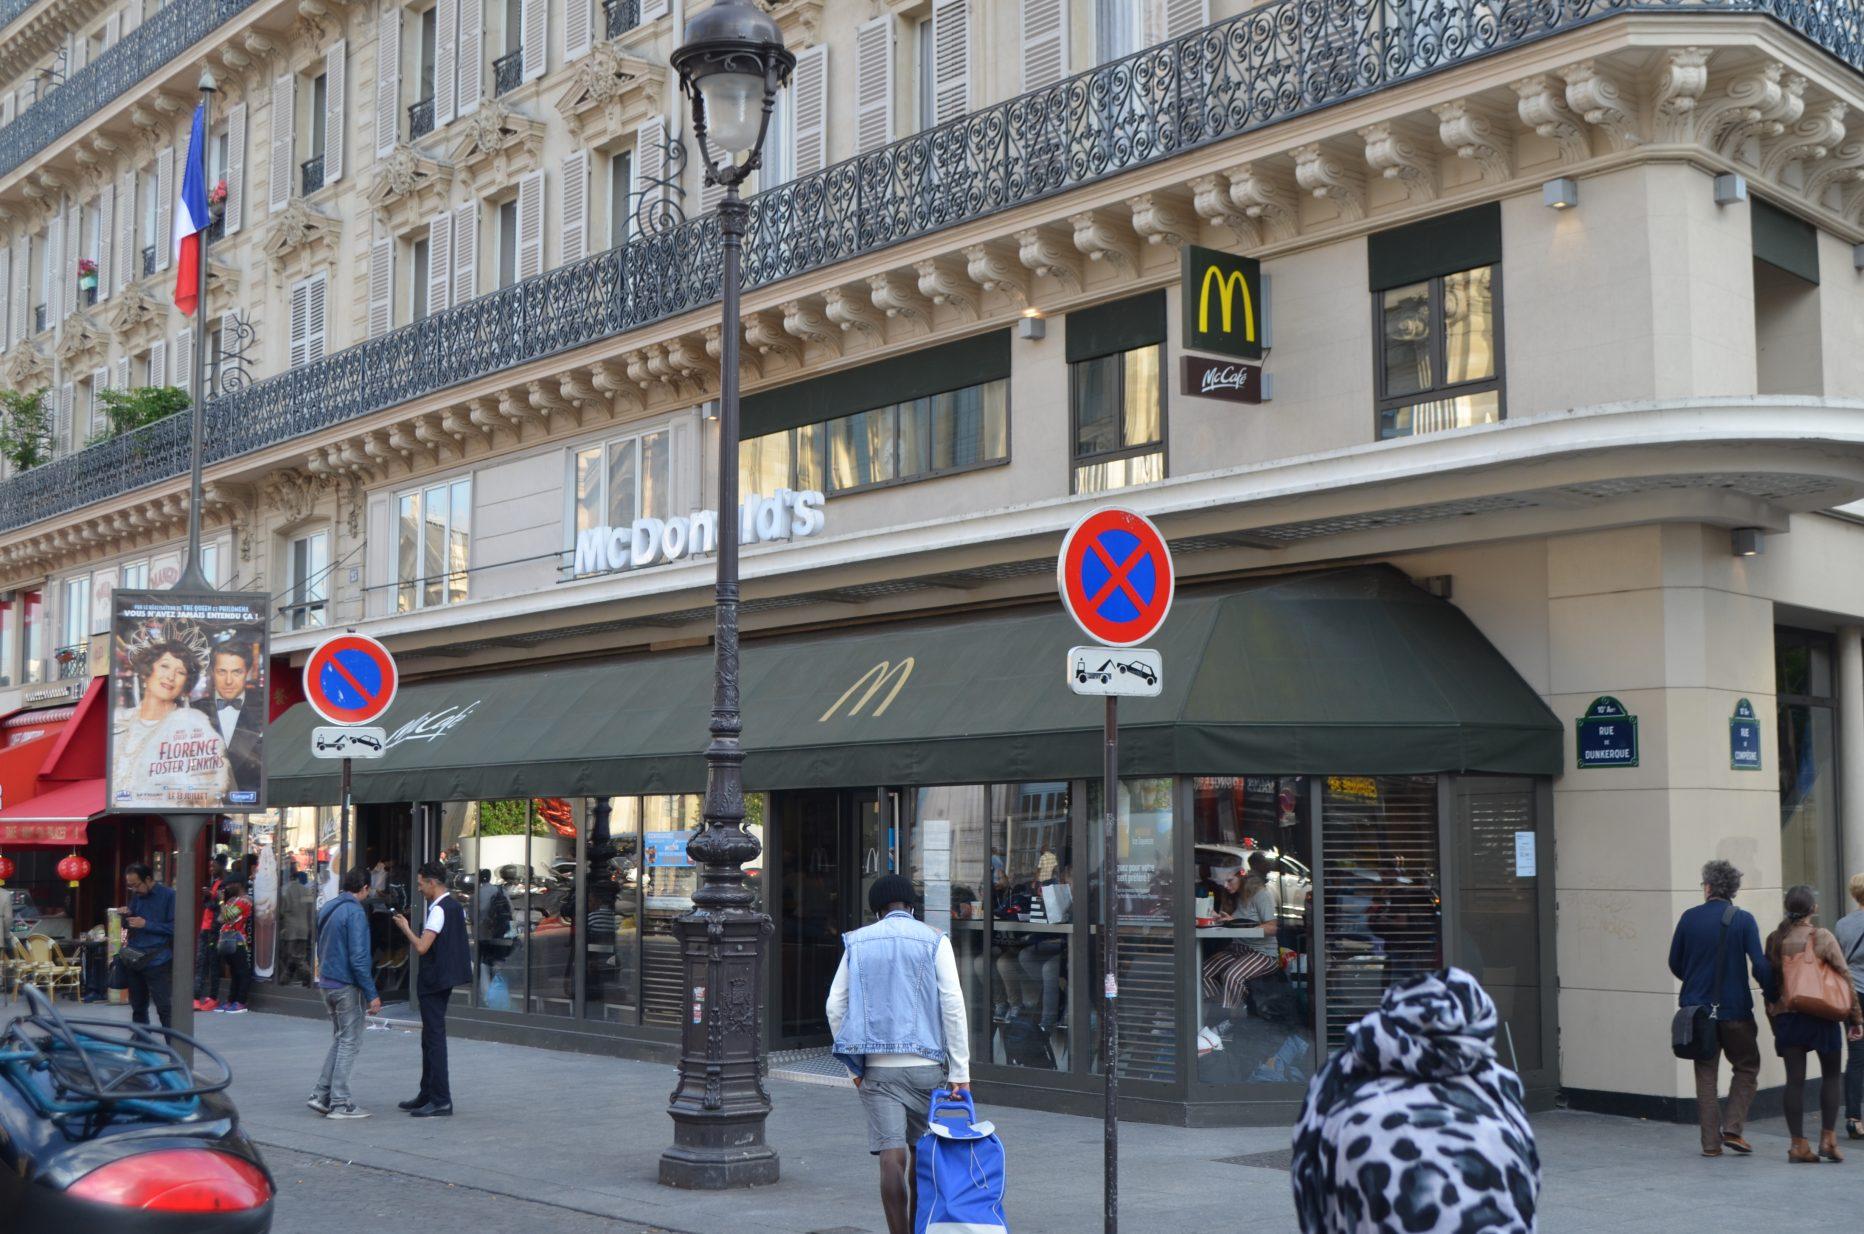 McDonald's Paris gare du nord